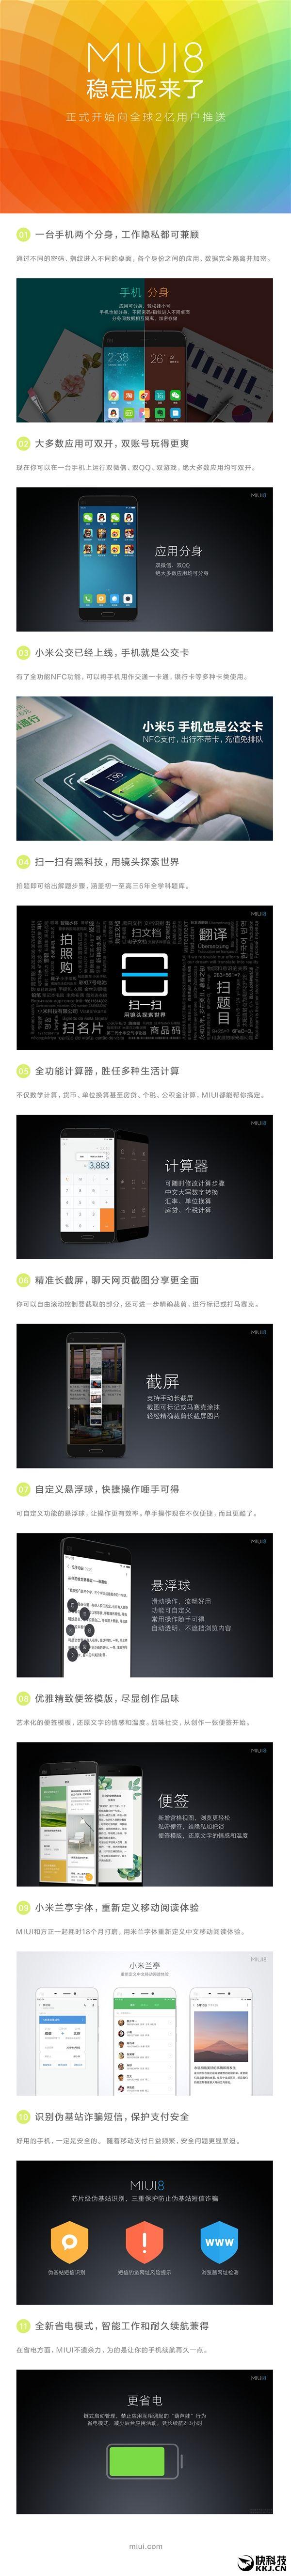 MIUI 8 станет доступна для скачивания 23 августа почти для всех смартфонов Xiaomi – фото 2